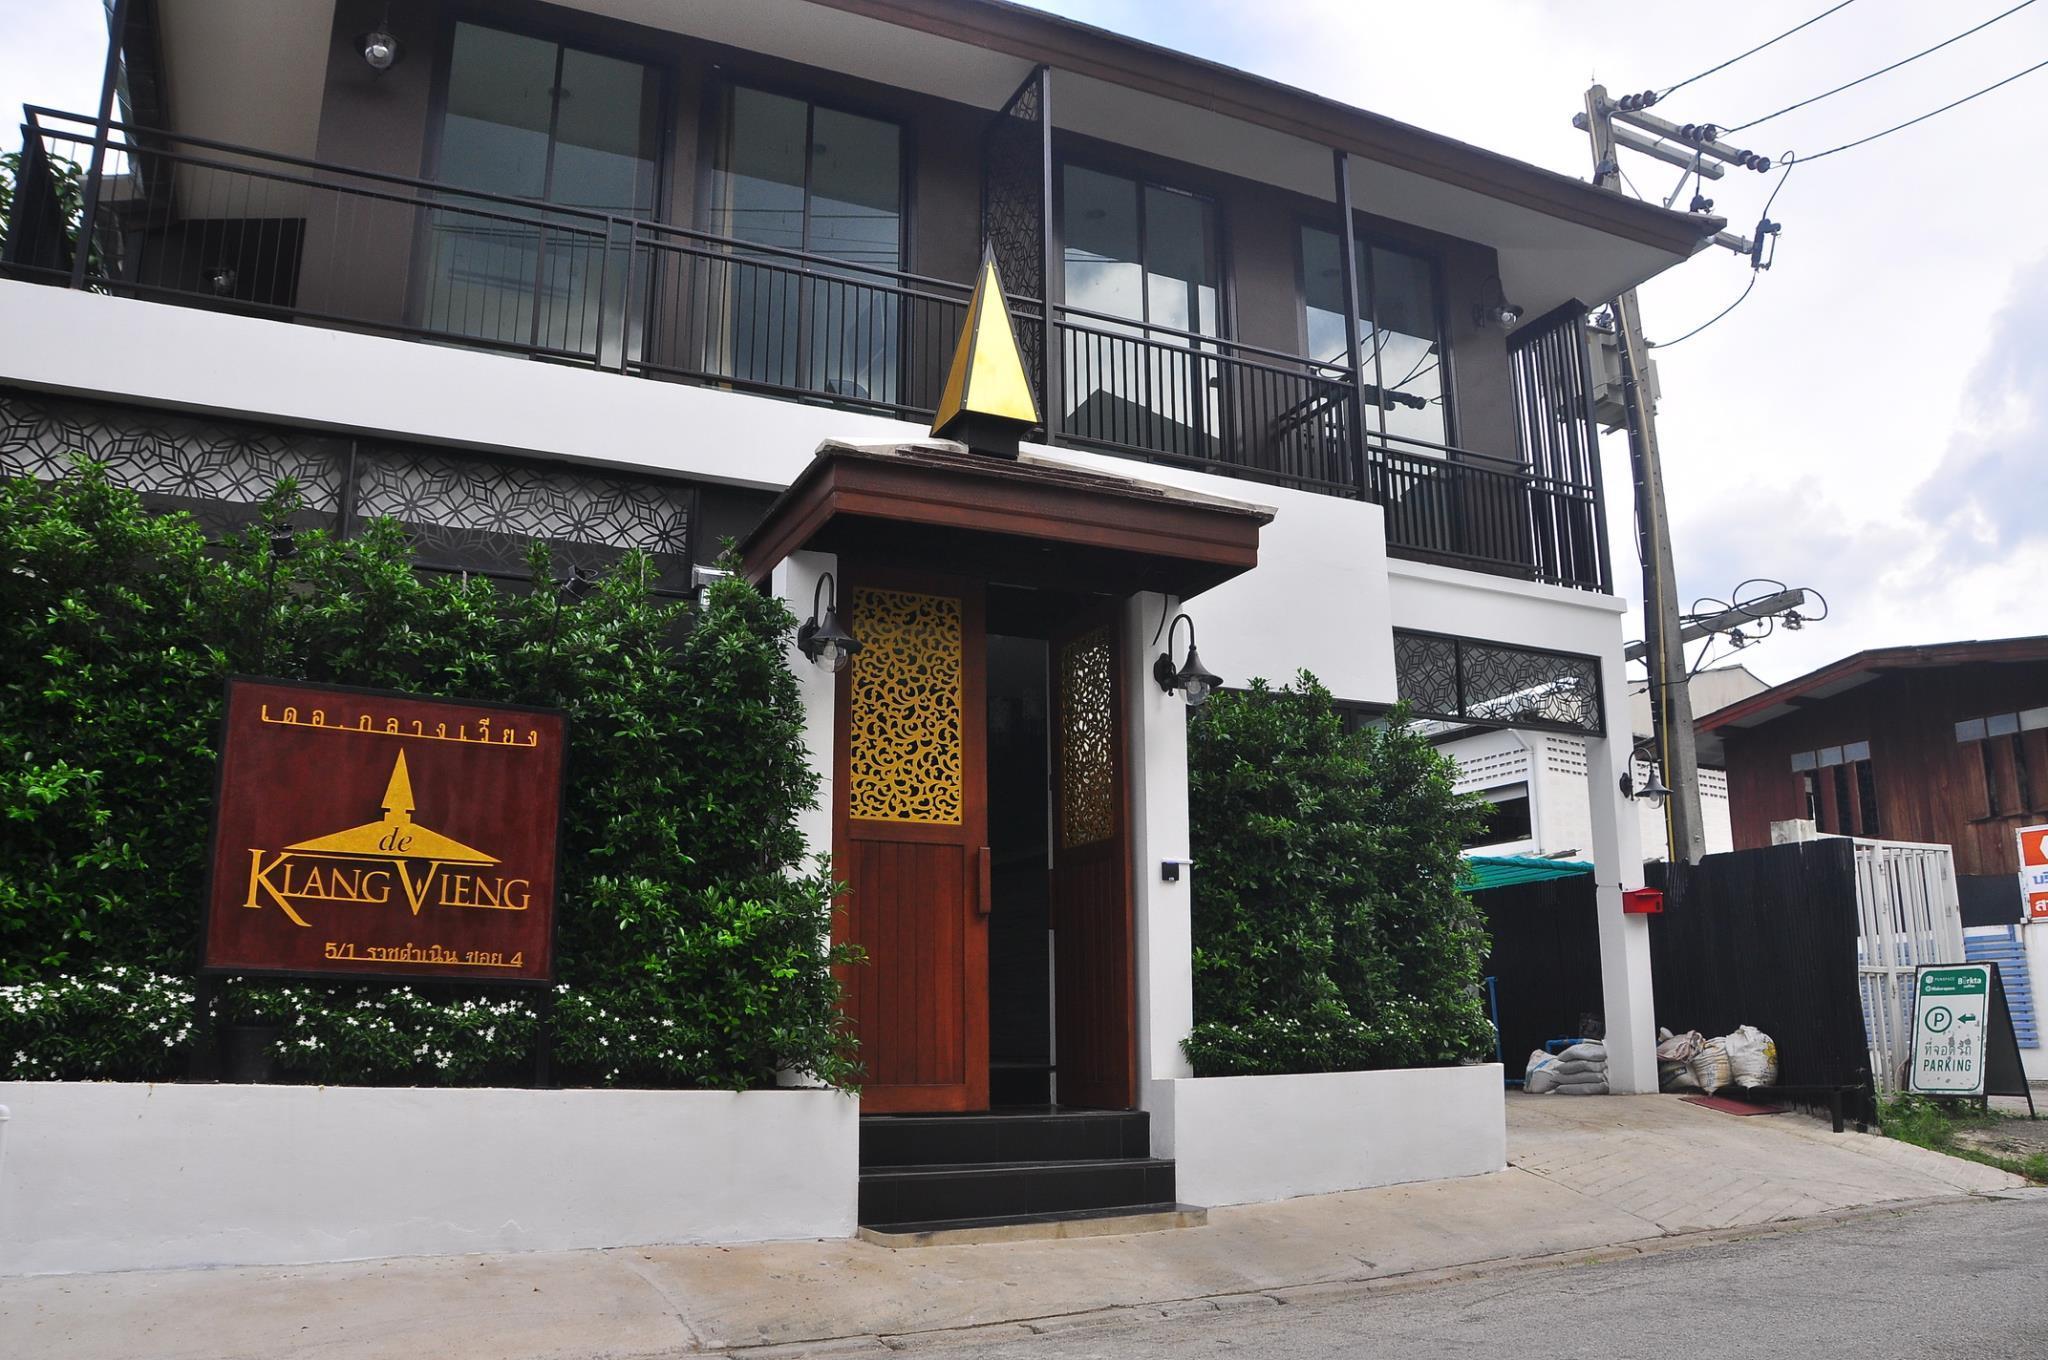 De Klang Vieng